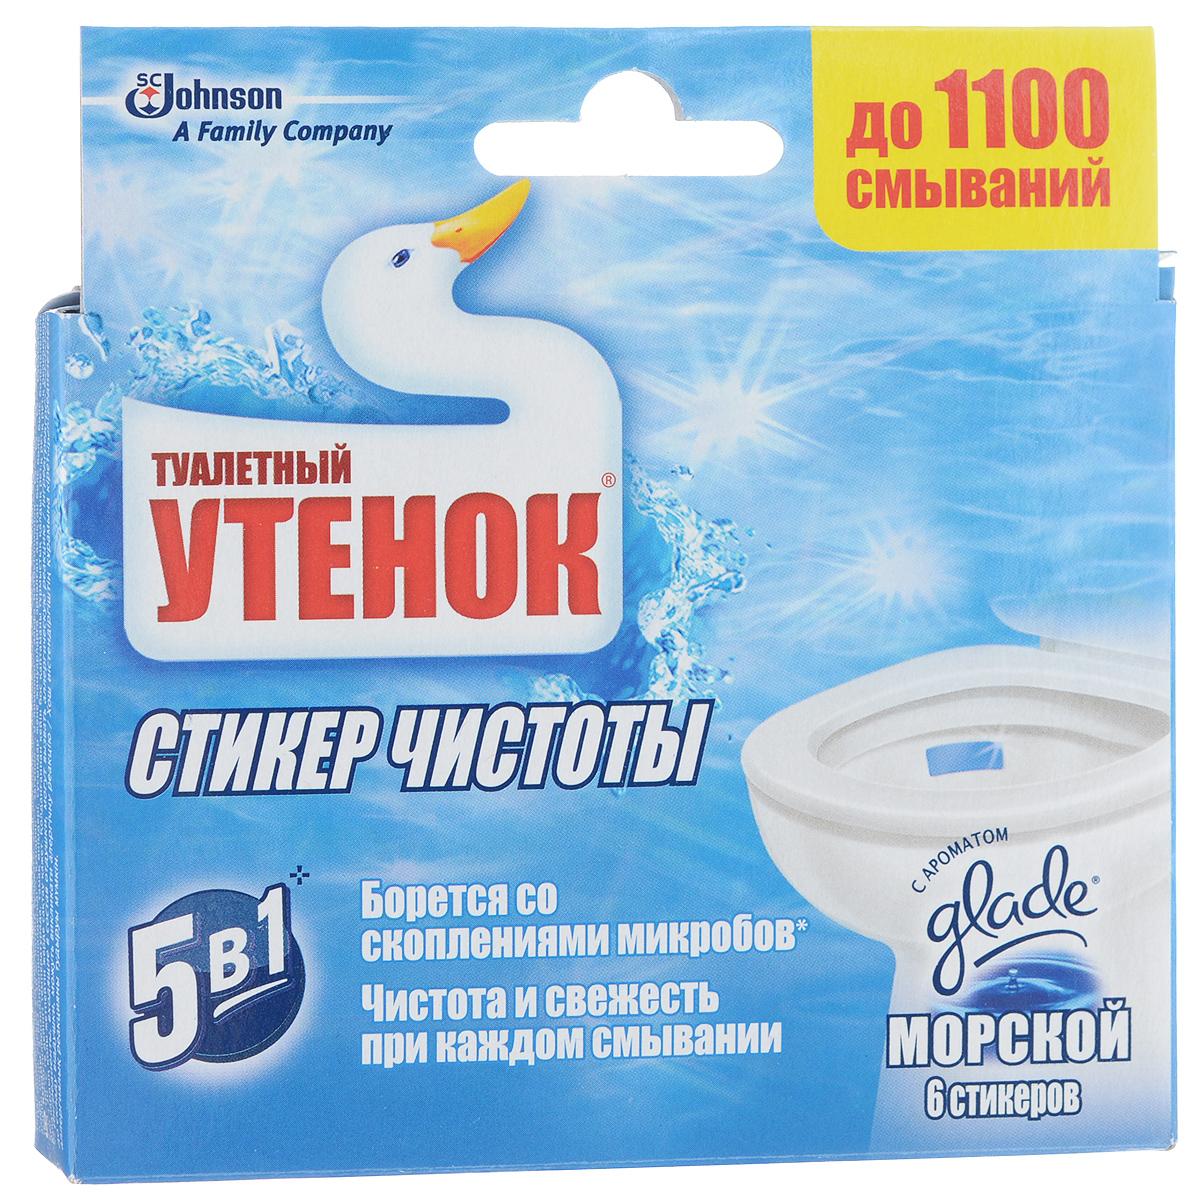 Очиститель унитаза Туалетный утенок Стикер чистоты, морской, 6 шт666931Благодаря очистителю Туалетный утенок Стикер чистоты на поверхности унитаза образуется защитный слой, который препятствует образованию минеральных отложений, являющихся очагами скопления микробов. Очиститель крепится внутри унитаза ниже ободка на сухую поверхность. Обладает приятным ароматом. Стикера хватает более, чем на 100 смываний. Он полностью растворяется в воде. Состав: а-ПАВ, сульфат натрия, отдушка, н-ПАВ, акриловый сополимер, красители, 2-(4-третбутилбензил)-пропиональдегид, кумарин, эвгенол, d-лимонен, альфа-изометилионон. Комплектация: 6 шт. Товар сертифицирован.